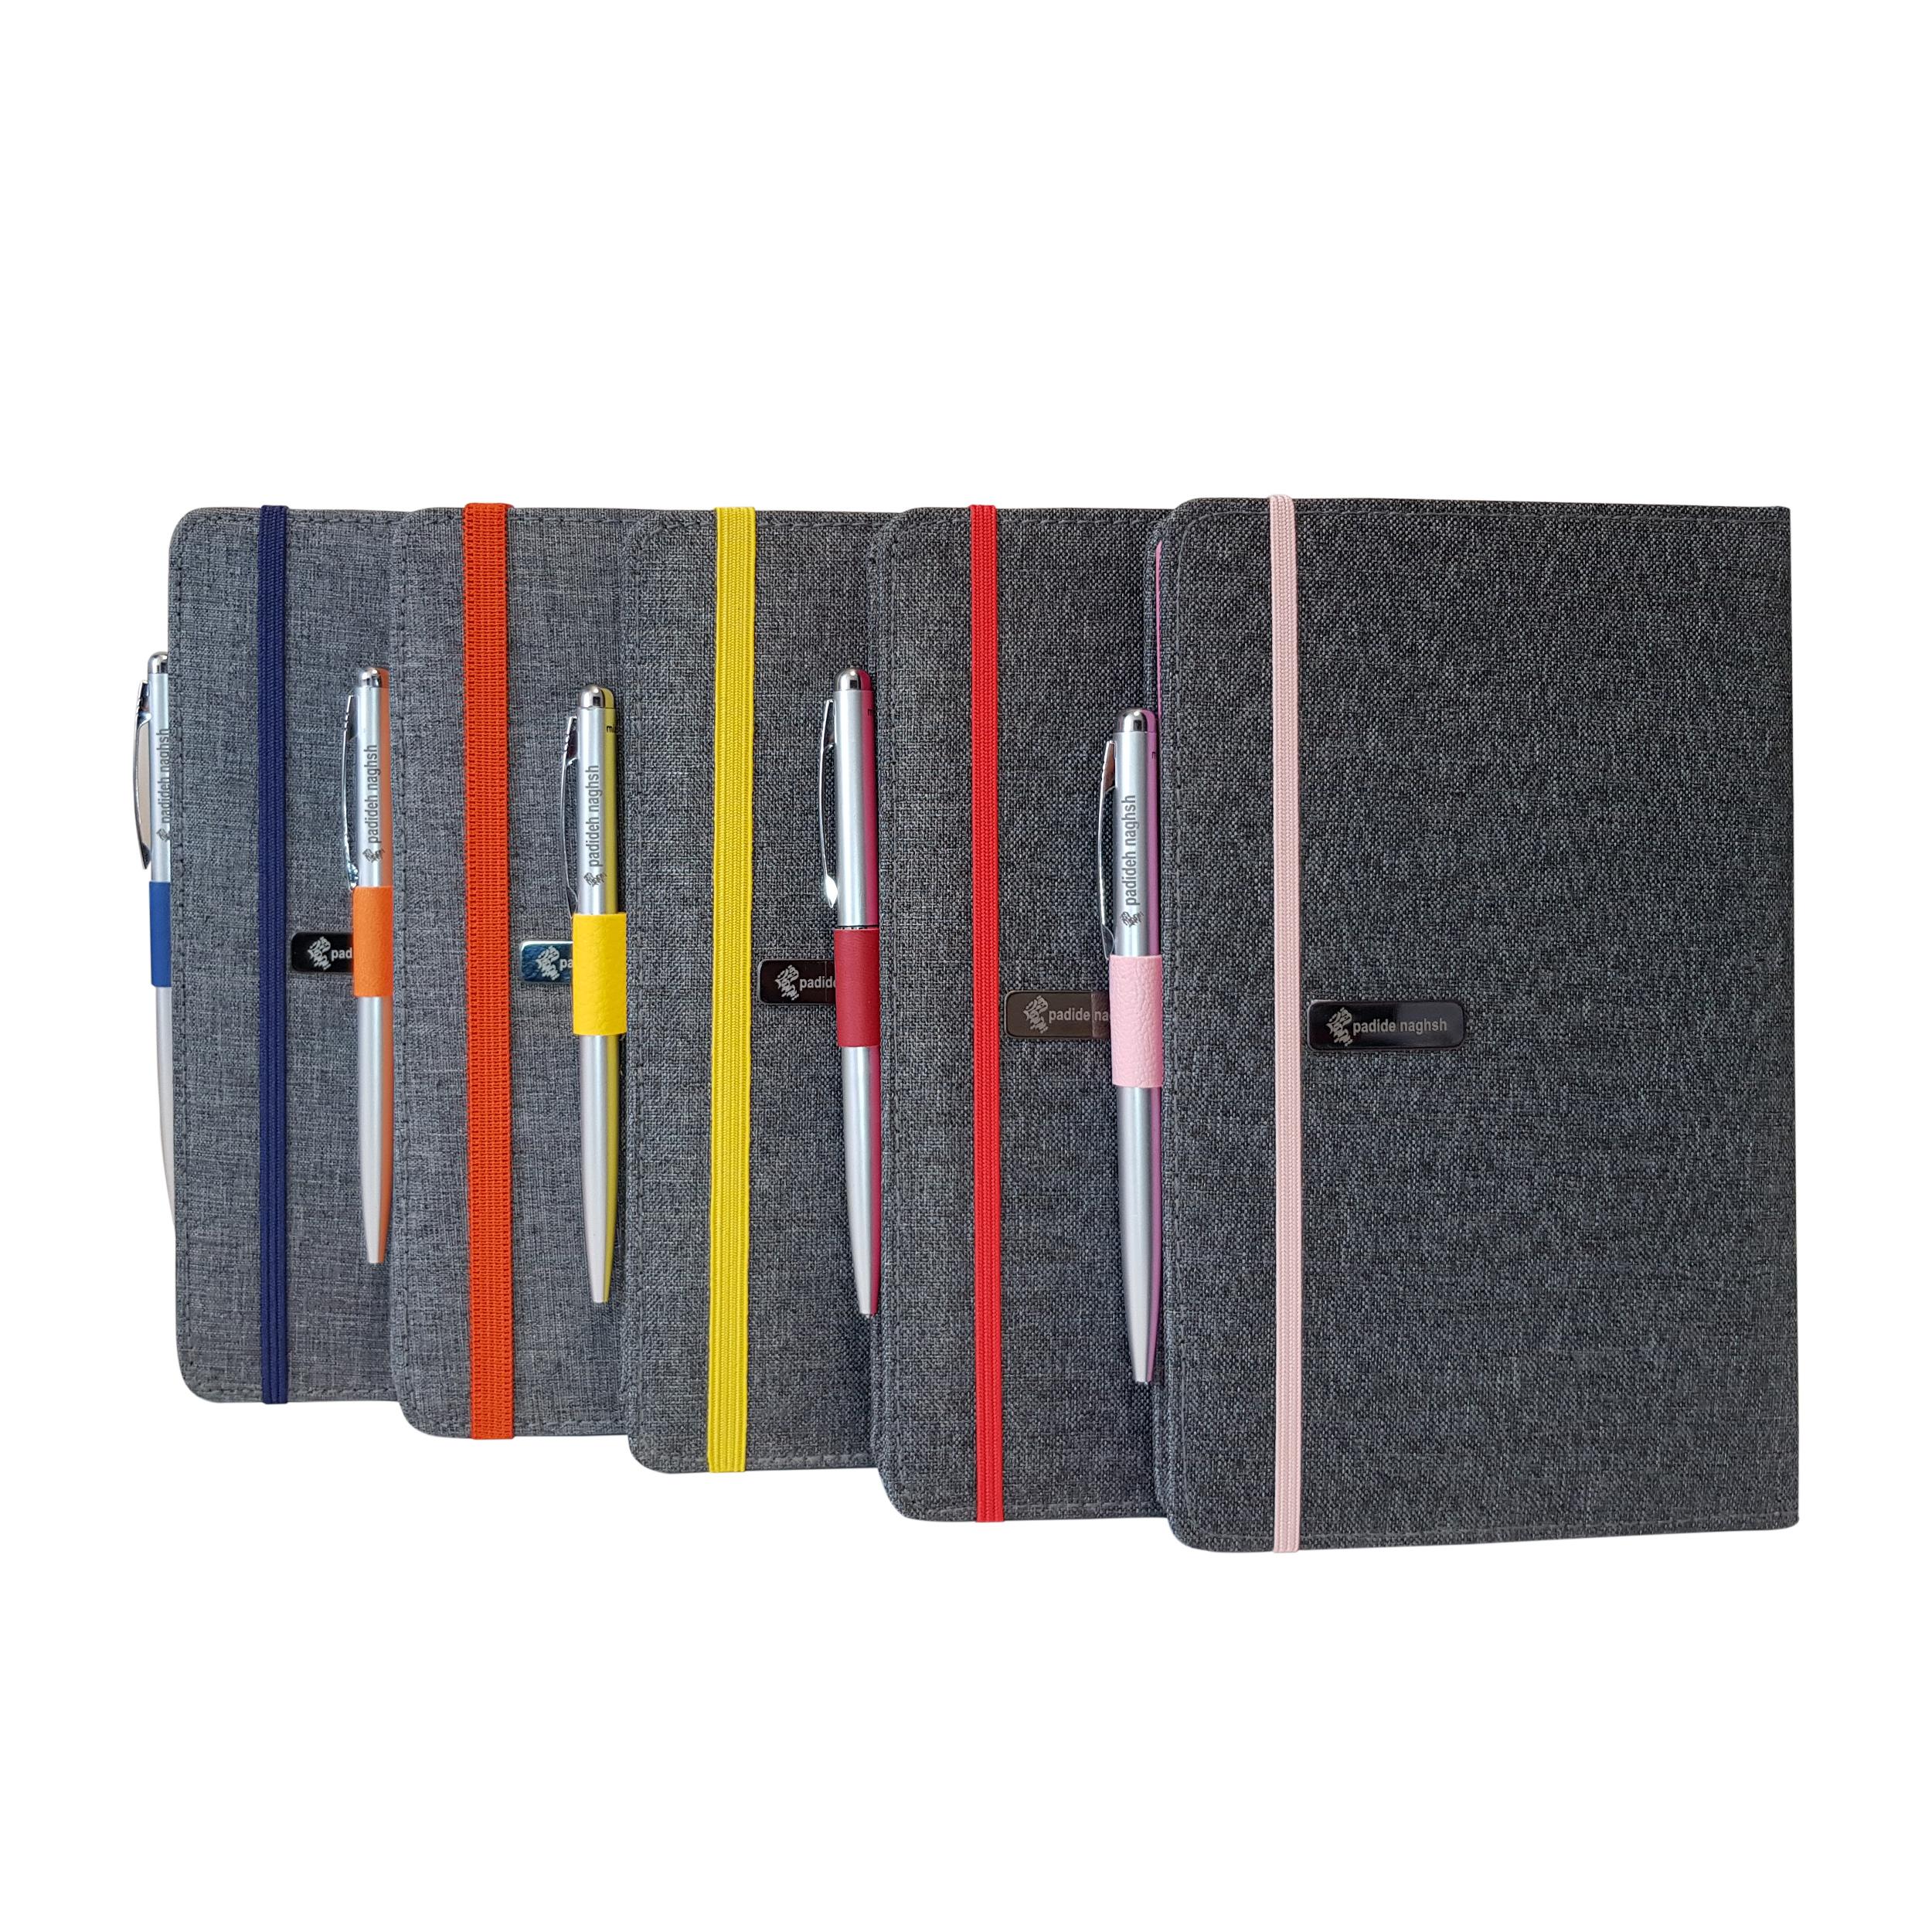 قیمت خرید دفتر یادداشت پدیده نقش مدل کبریتی کد 00258 بسته 5 عددی به همراه خودکار اورجینال